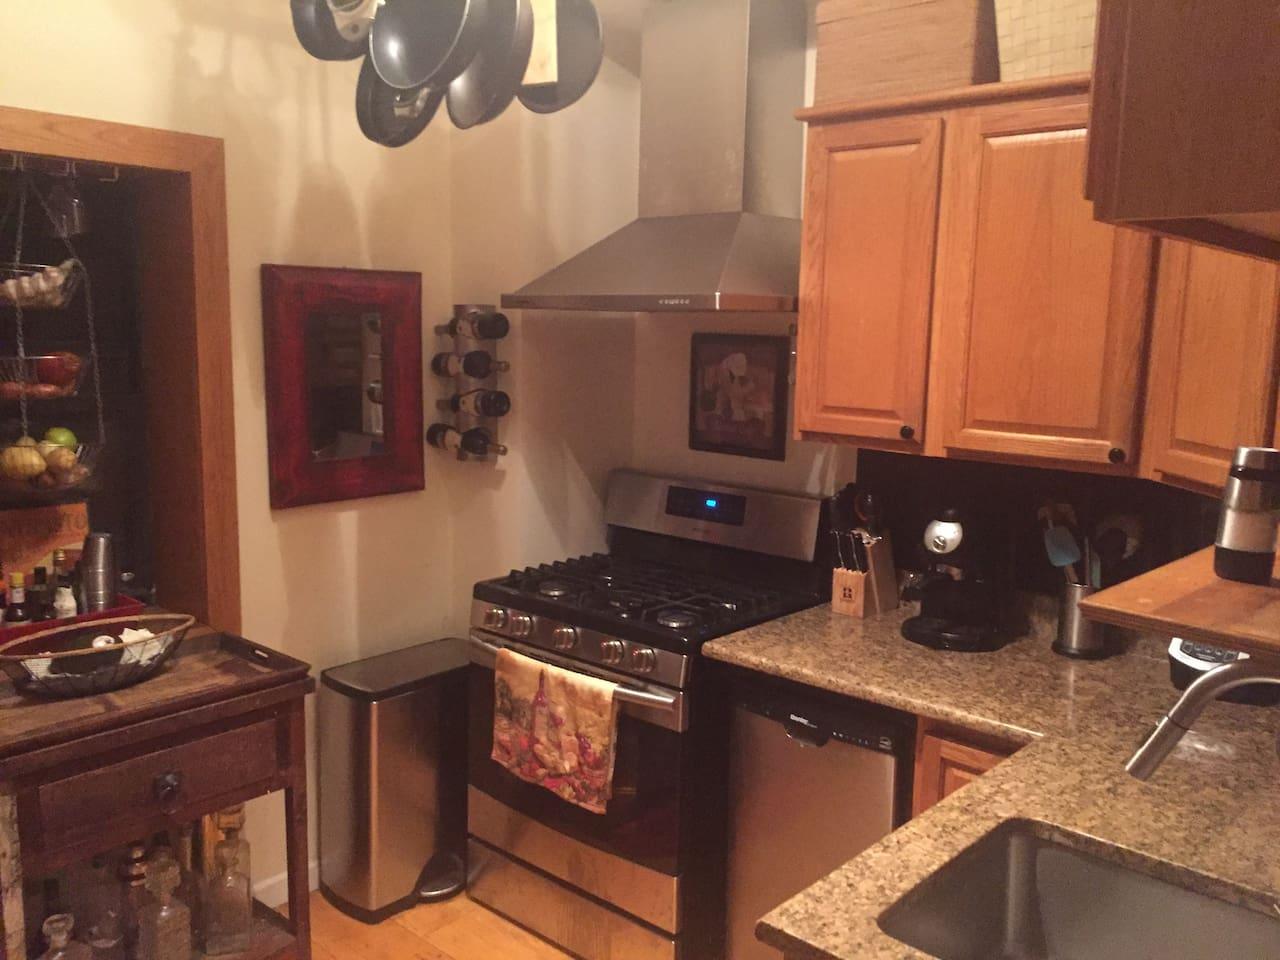 Charmant Skyline Hotel New York Hölle Küche Fotos - Küchenschrank ...